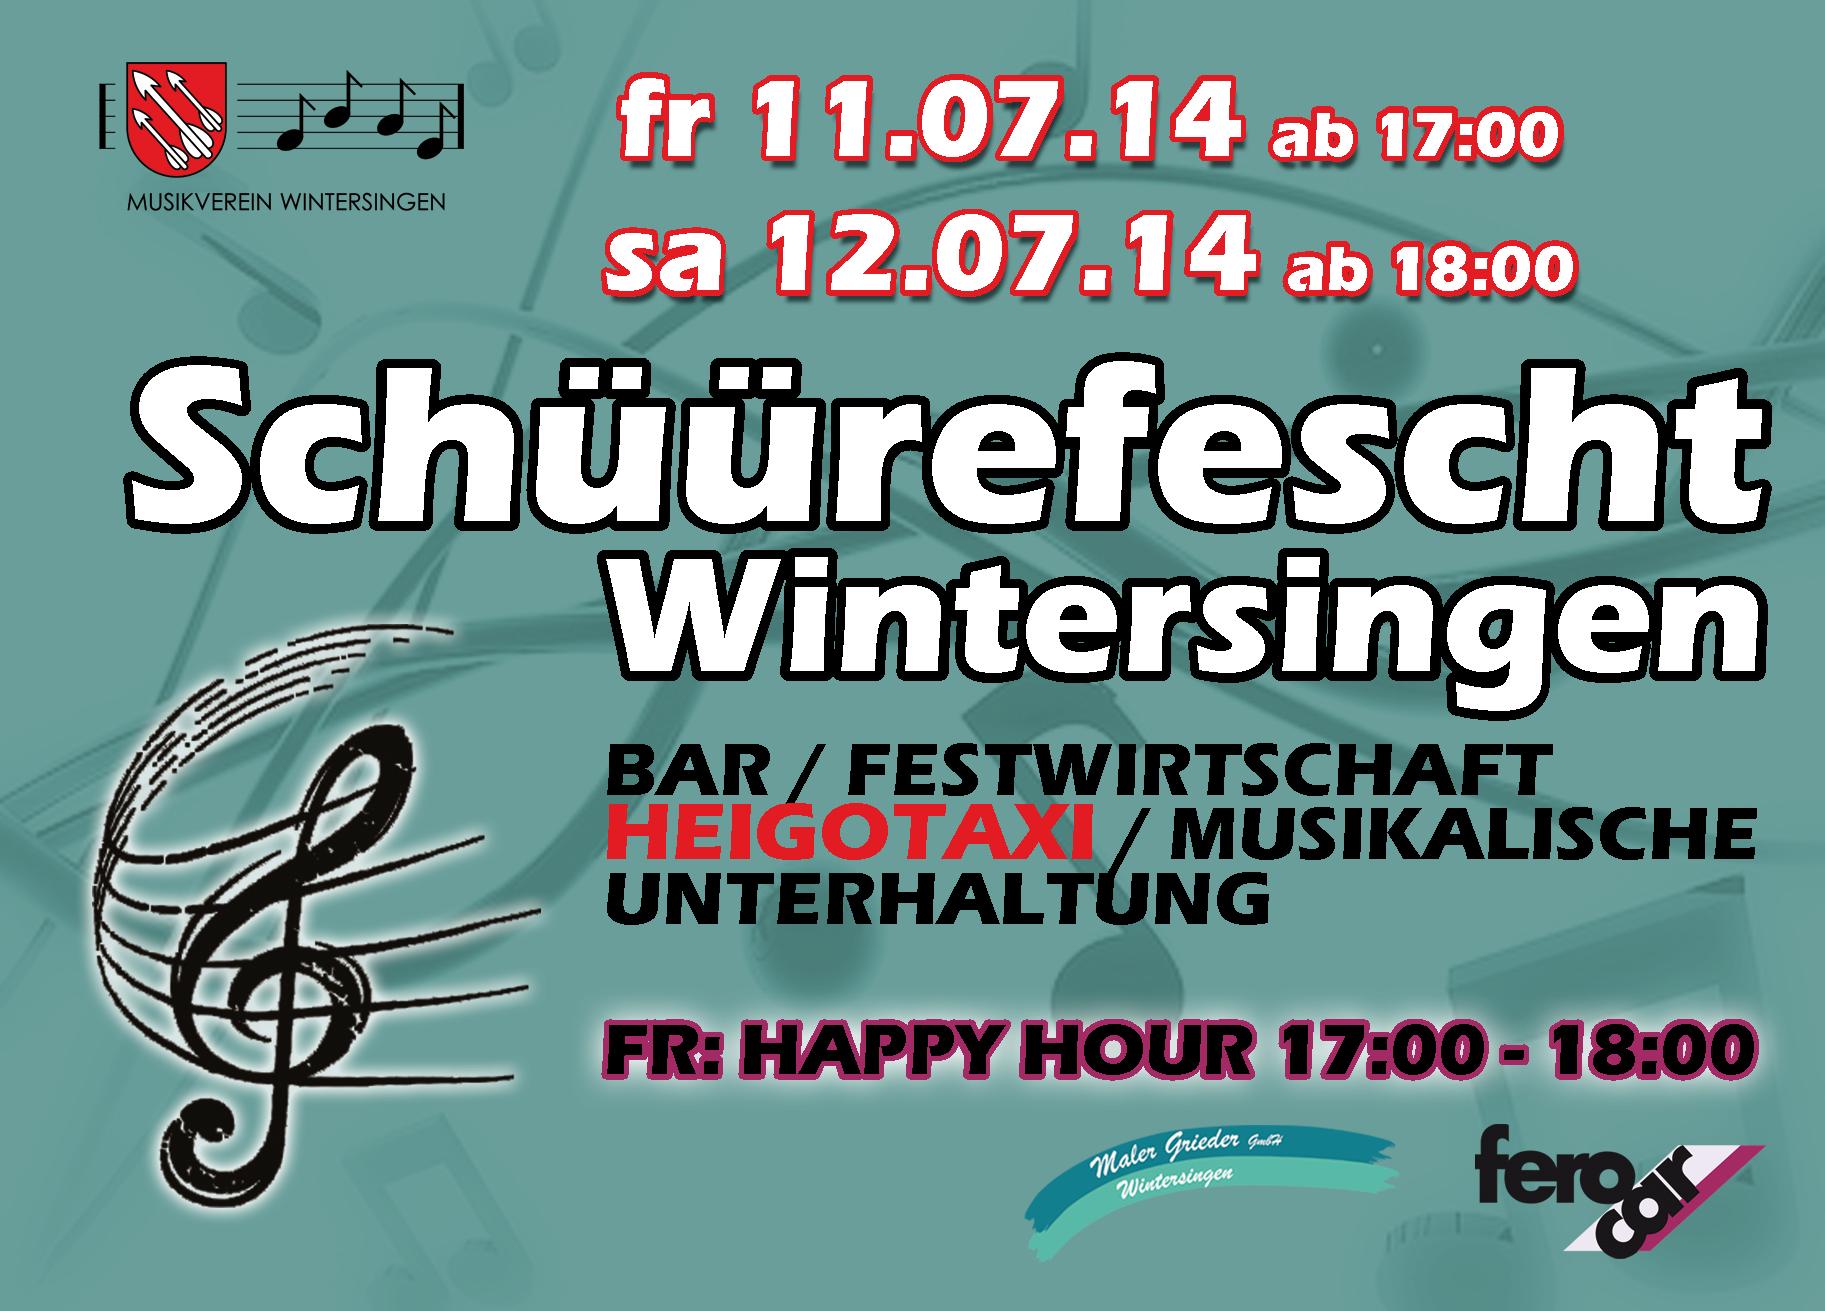 Flyer Schüürefescht Wintersingen 2014